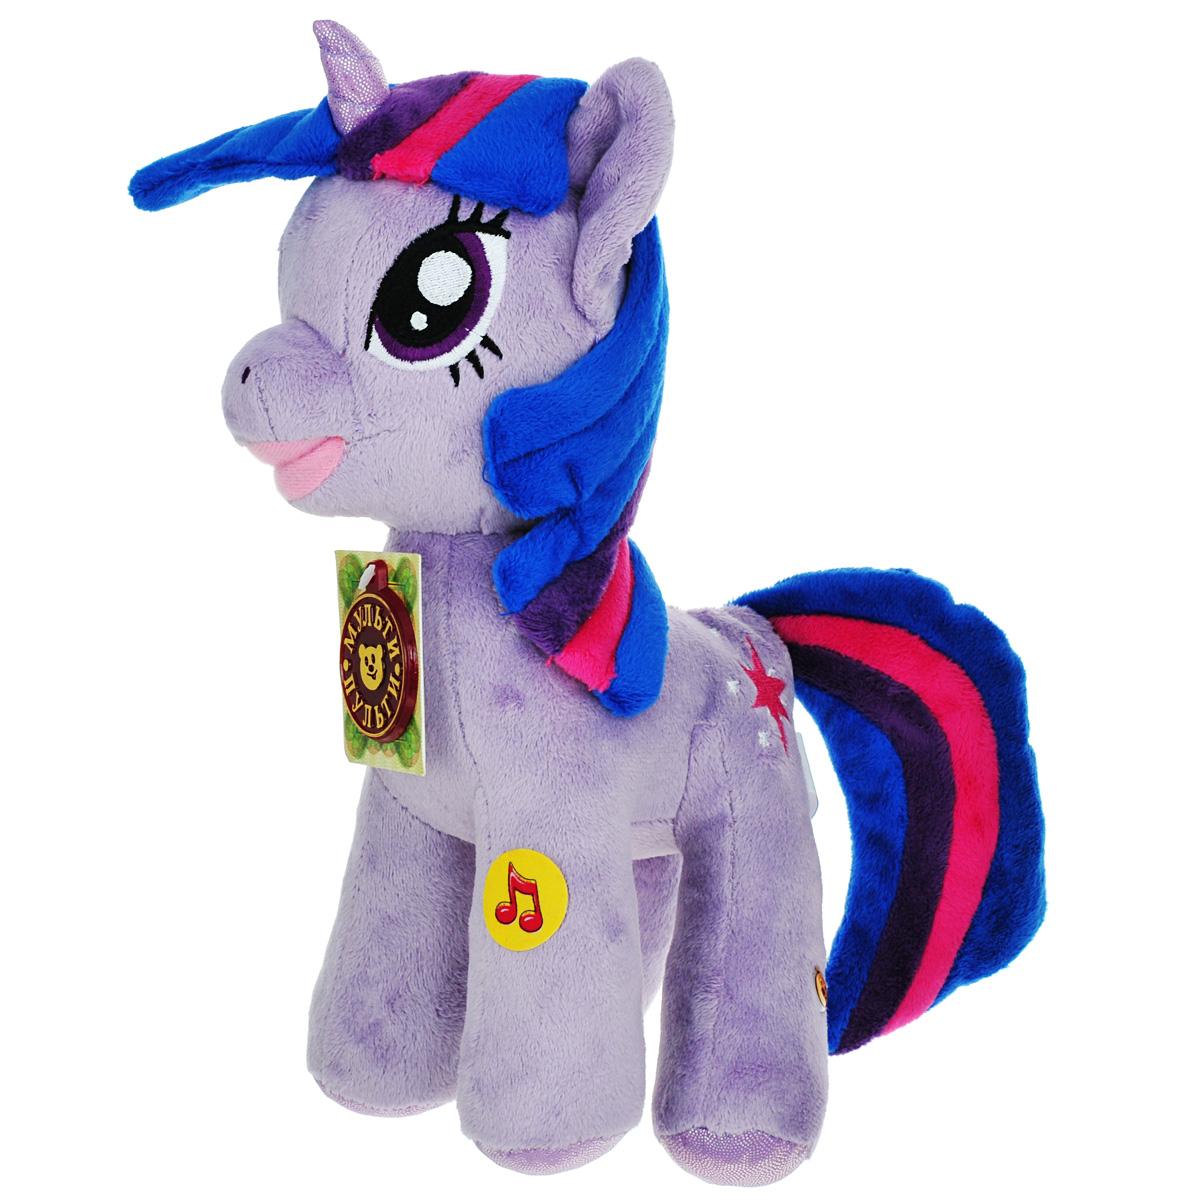 Мягкая озвученная игрушка Мульти-Пульти Пони Искорка, 26 смV27478/23Мягкая игрушка Мульти-Пульти Пони Искорка подарит вашему ребенку много радости и веселья! Она выполнена в виде персонажа мультфильма My Little Pony - пони Искорки. Игрушка удивительно приятна на ощупь. Она изготовлена из плюша, глазки вышиты нитками, а для набивки лап пони использованы специальные гранулы, которые способствуют развитию мелкой моторики рук малыша. Искорка - единорог сиреневого цвета, с гривой синего цвета и розово-фиолетовыми полосками. Её знак отличия – розовая шестиконечная звезда в окружении пяти маленьких белых звёзд. Является лучшей ученицей Принцессы Селестии и главной героиней сериала. При нажатии на лапку принцесса говорит фразы: Привет, я сумеречная искорка. Я так люблю читать книги, что даже живу в библиотеке. У меня есть помощник - Спайк, он настоящий дракон, правда еще совсем маленький. Мы приехали в Понивилль изучать магию дружбы. Пони поет песенку из мультфильма. Чудесная...